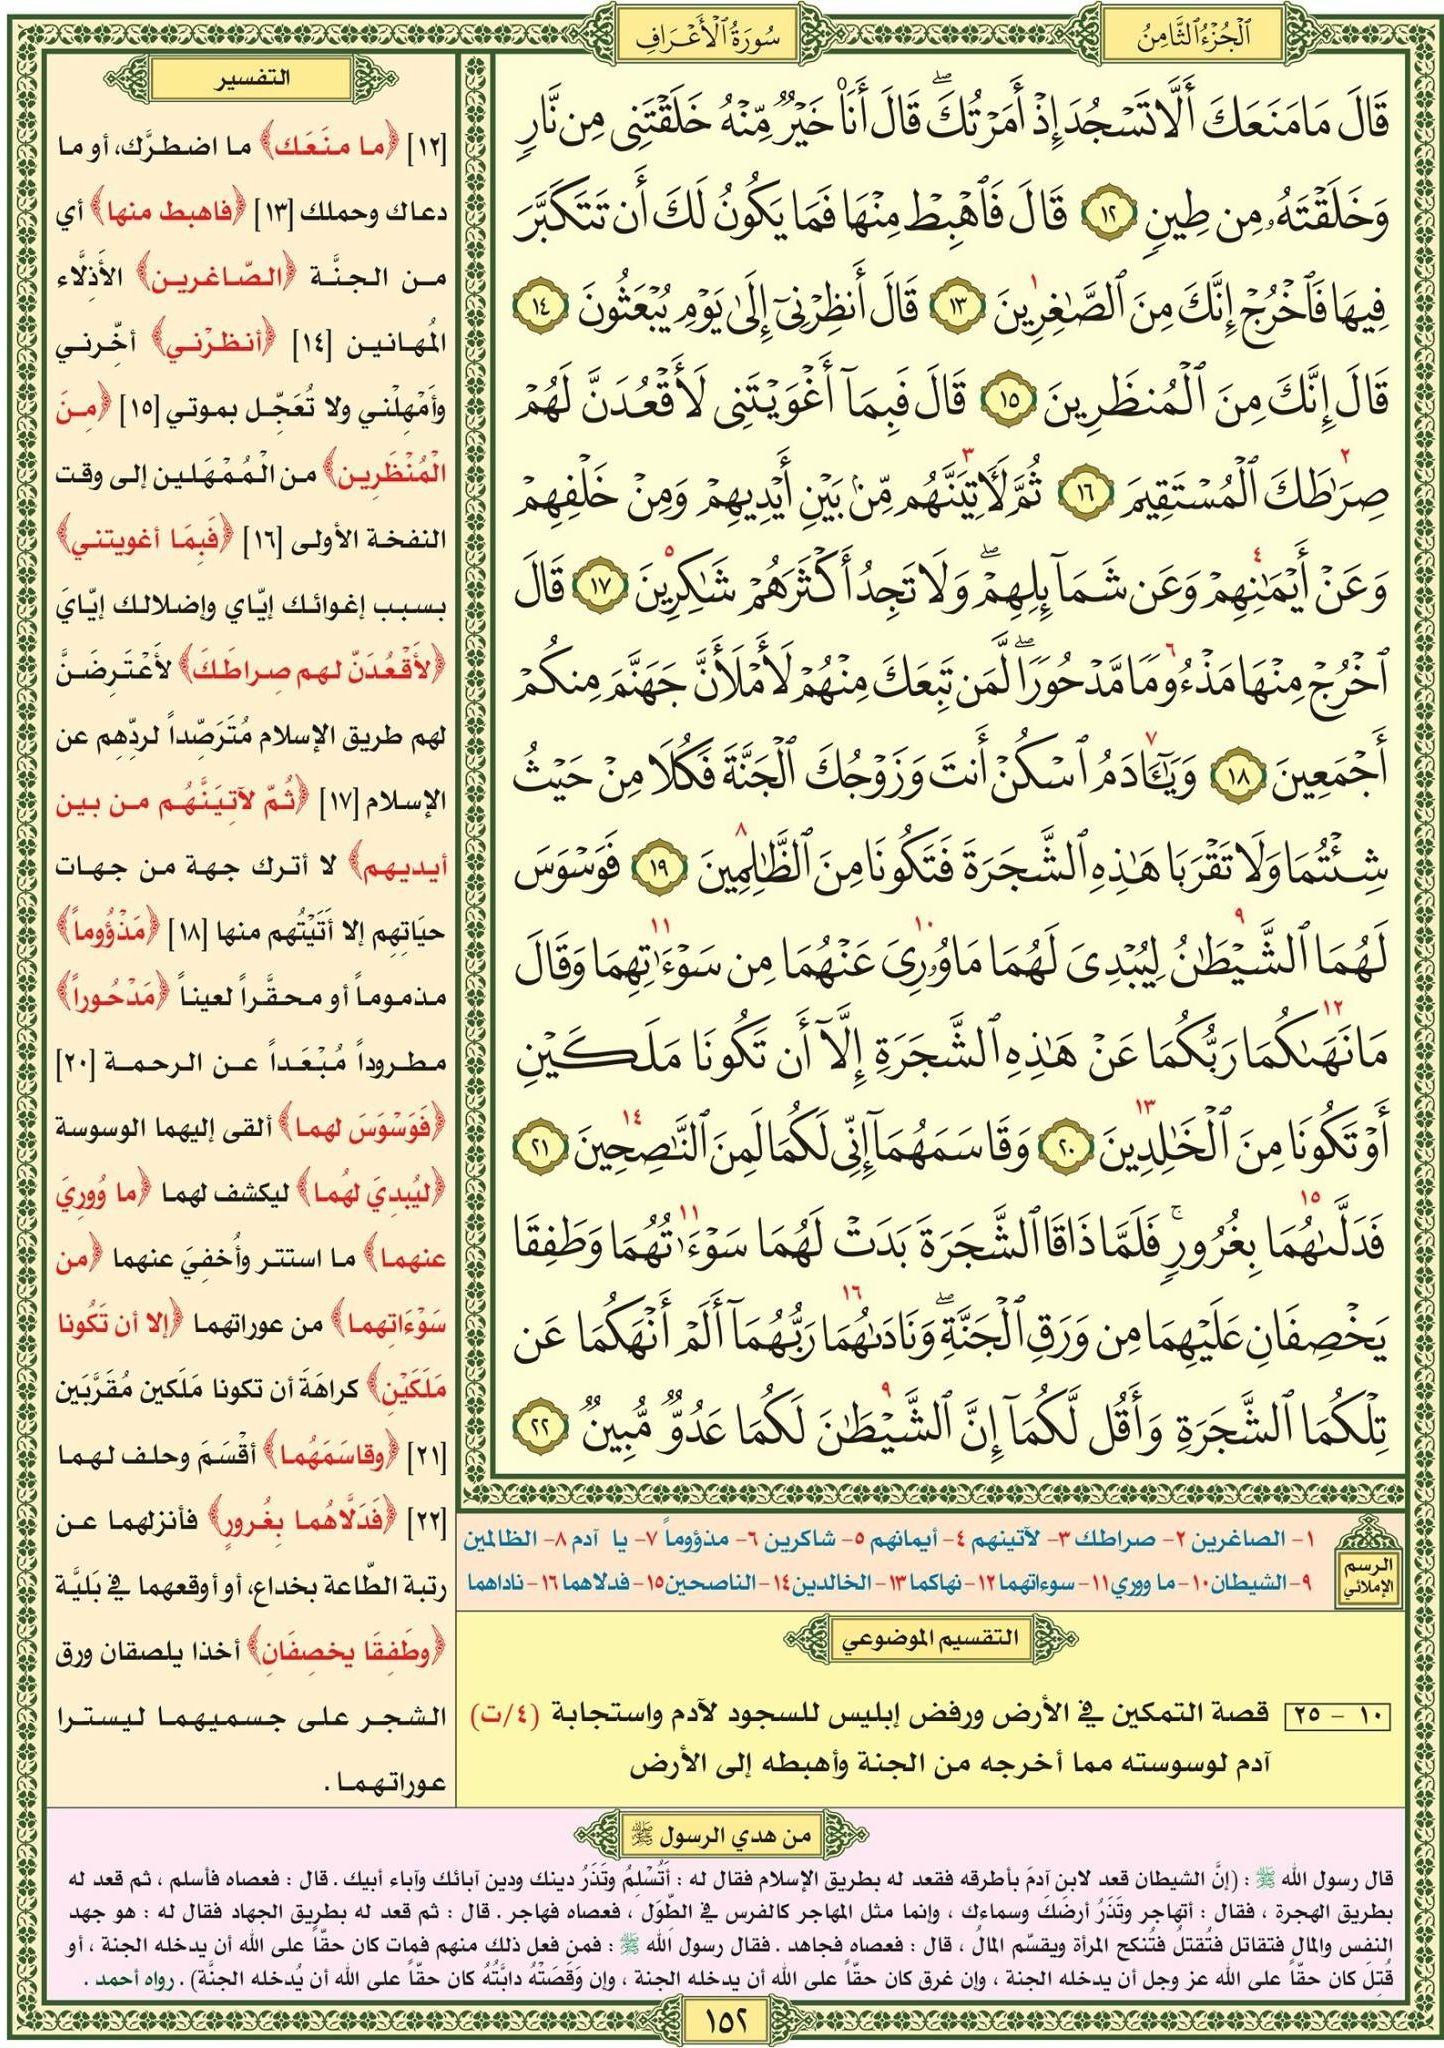 الأعراف ١٢ ٢٢ صفحة رقم ١٥١ مصحف التقسيم الموضوعي Bullet Journal Quran Periodic Table